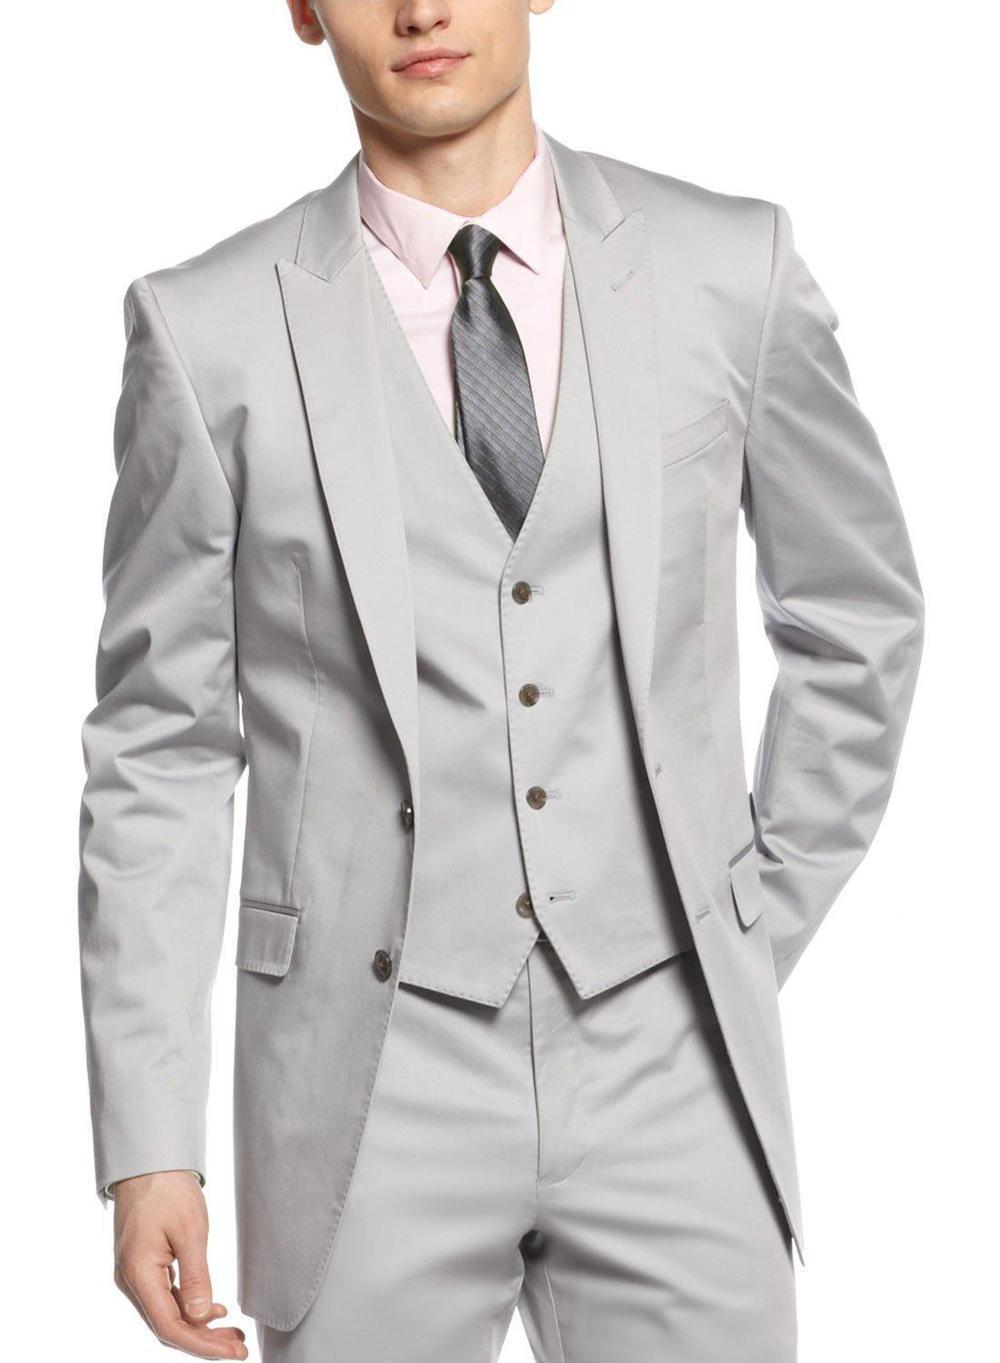 Nueva llegada esmoquin para hombre gris claro trajes de